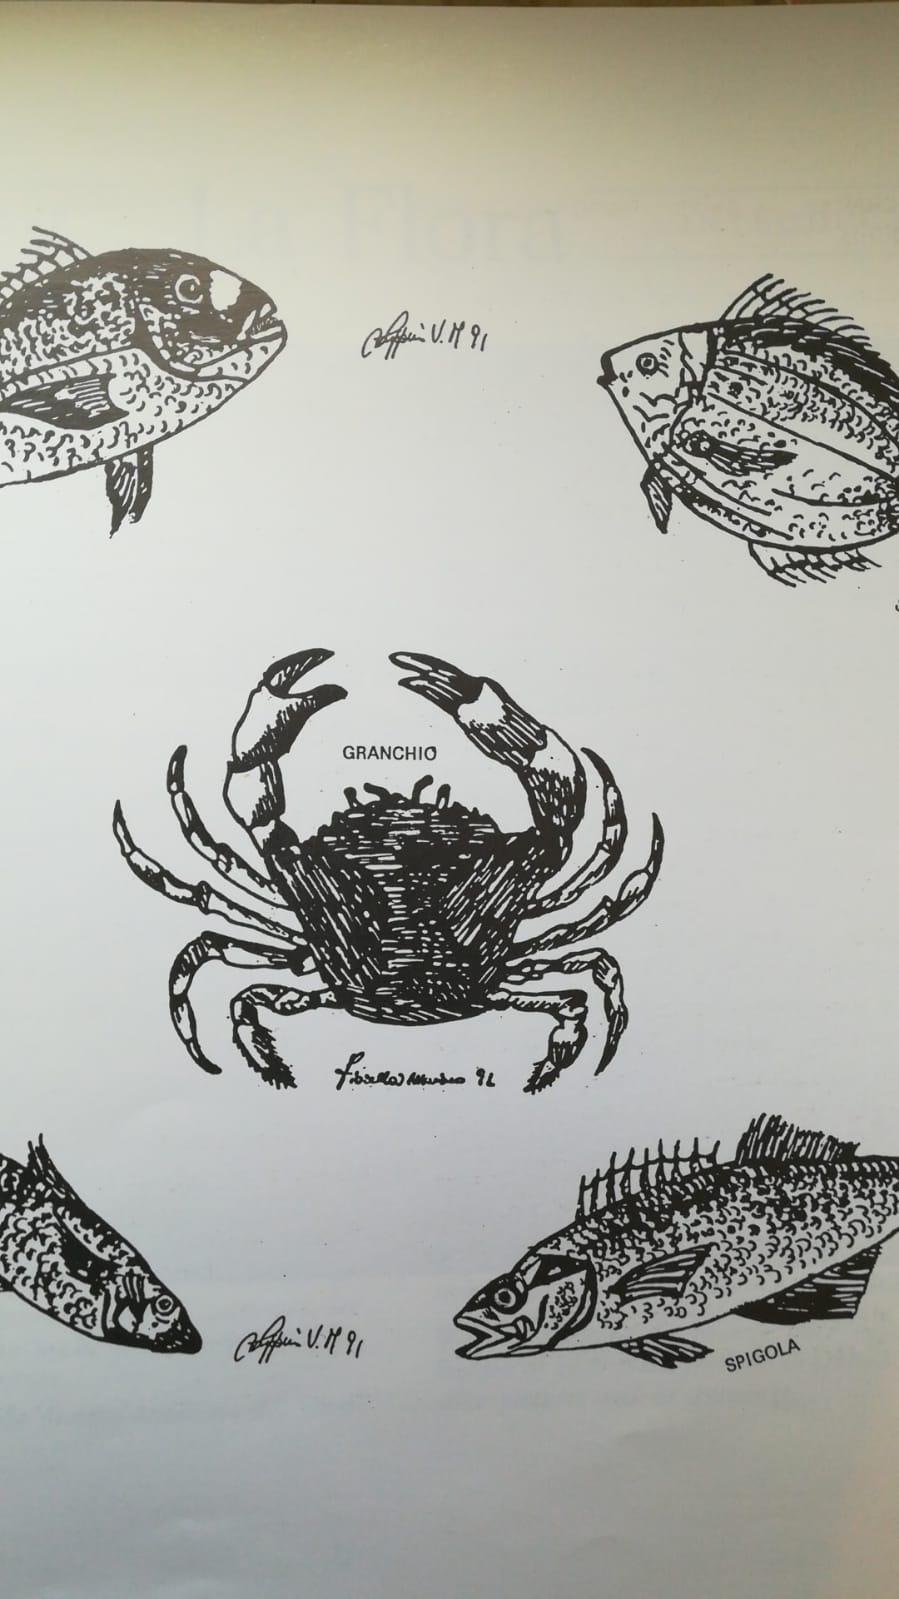 Salina Calcara di Trapani - Fauna ittica